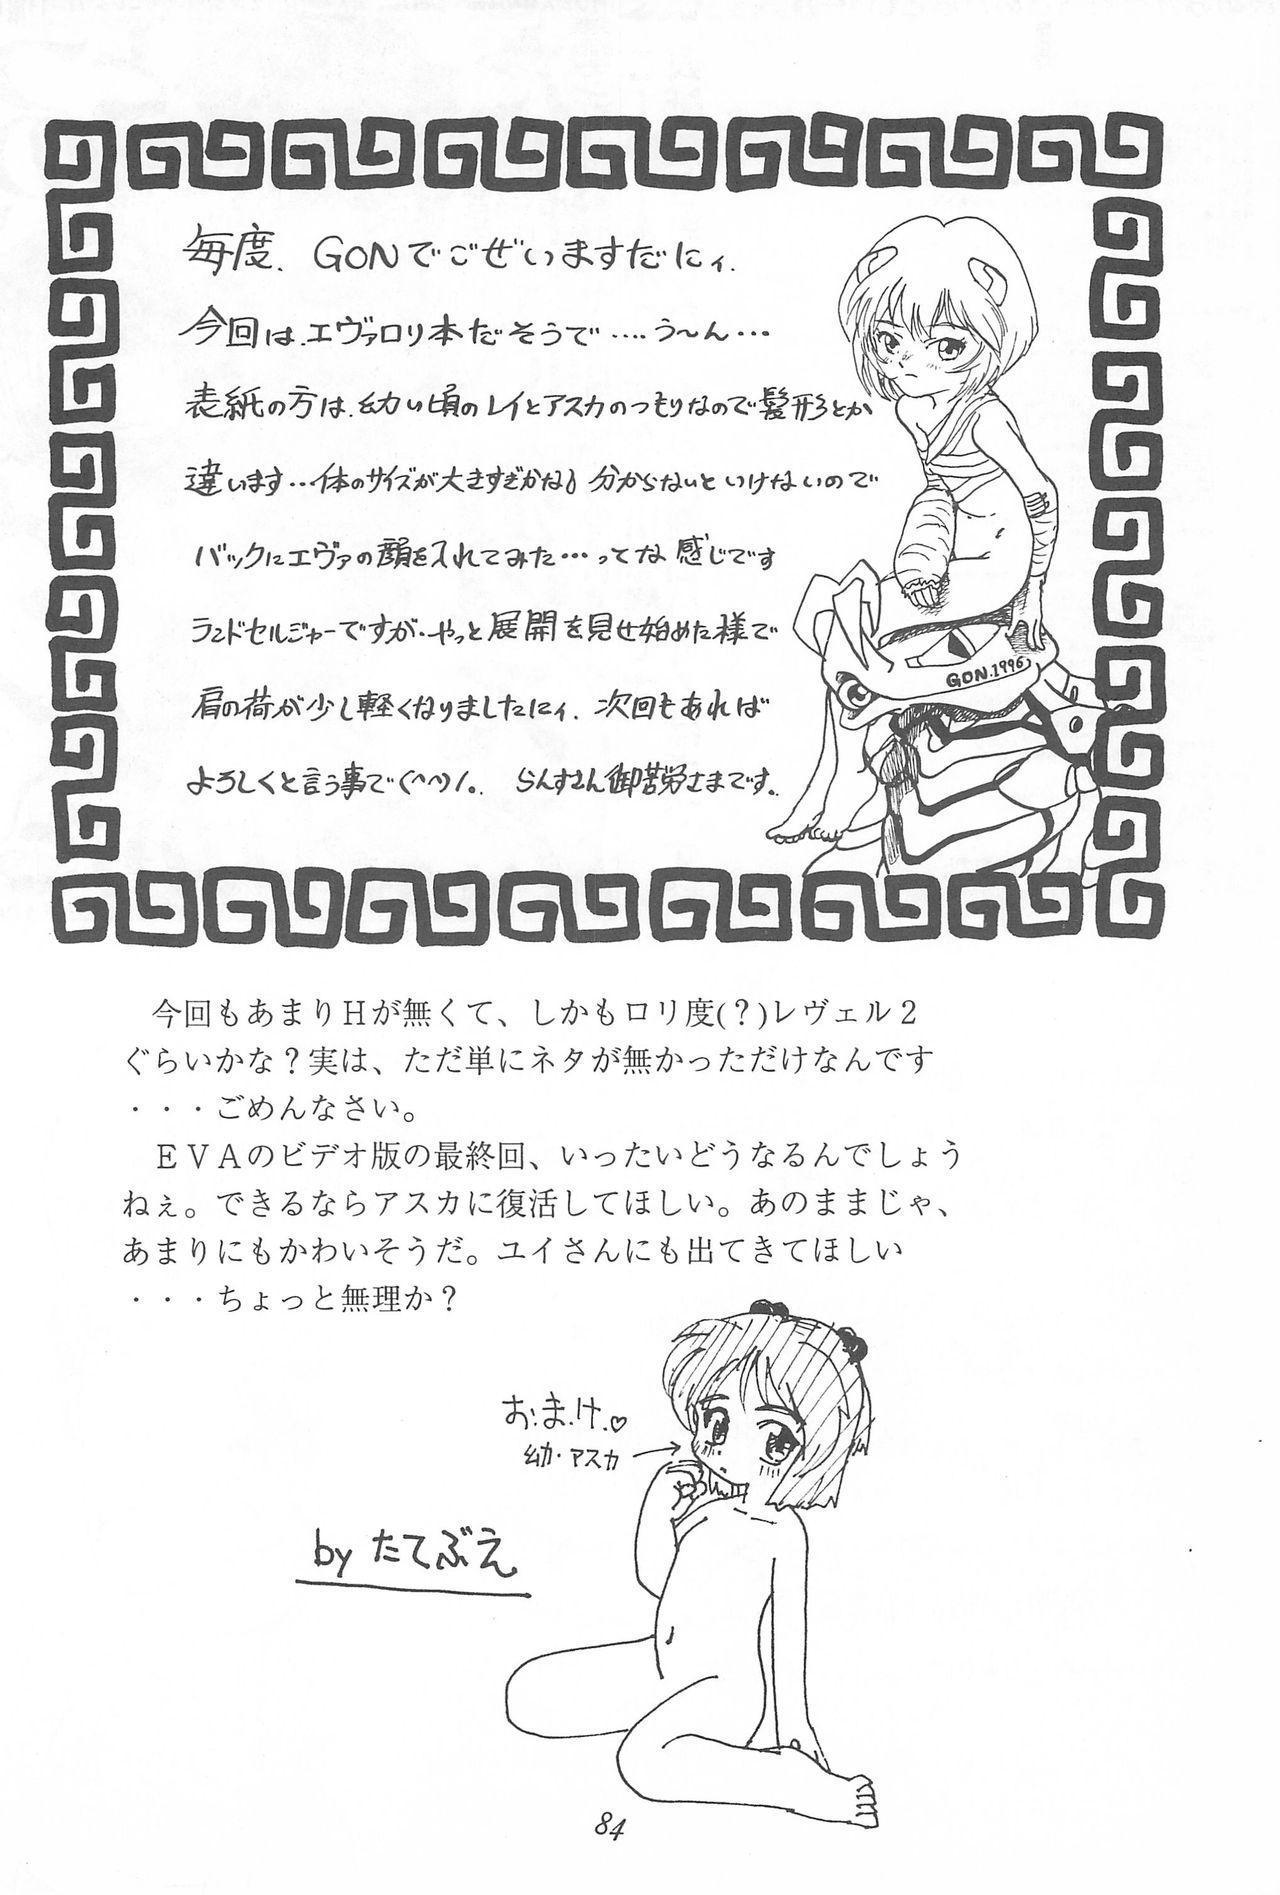 Youseiki Evanlolibon 83